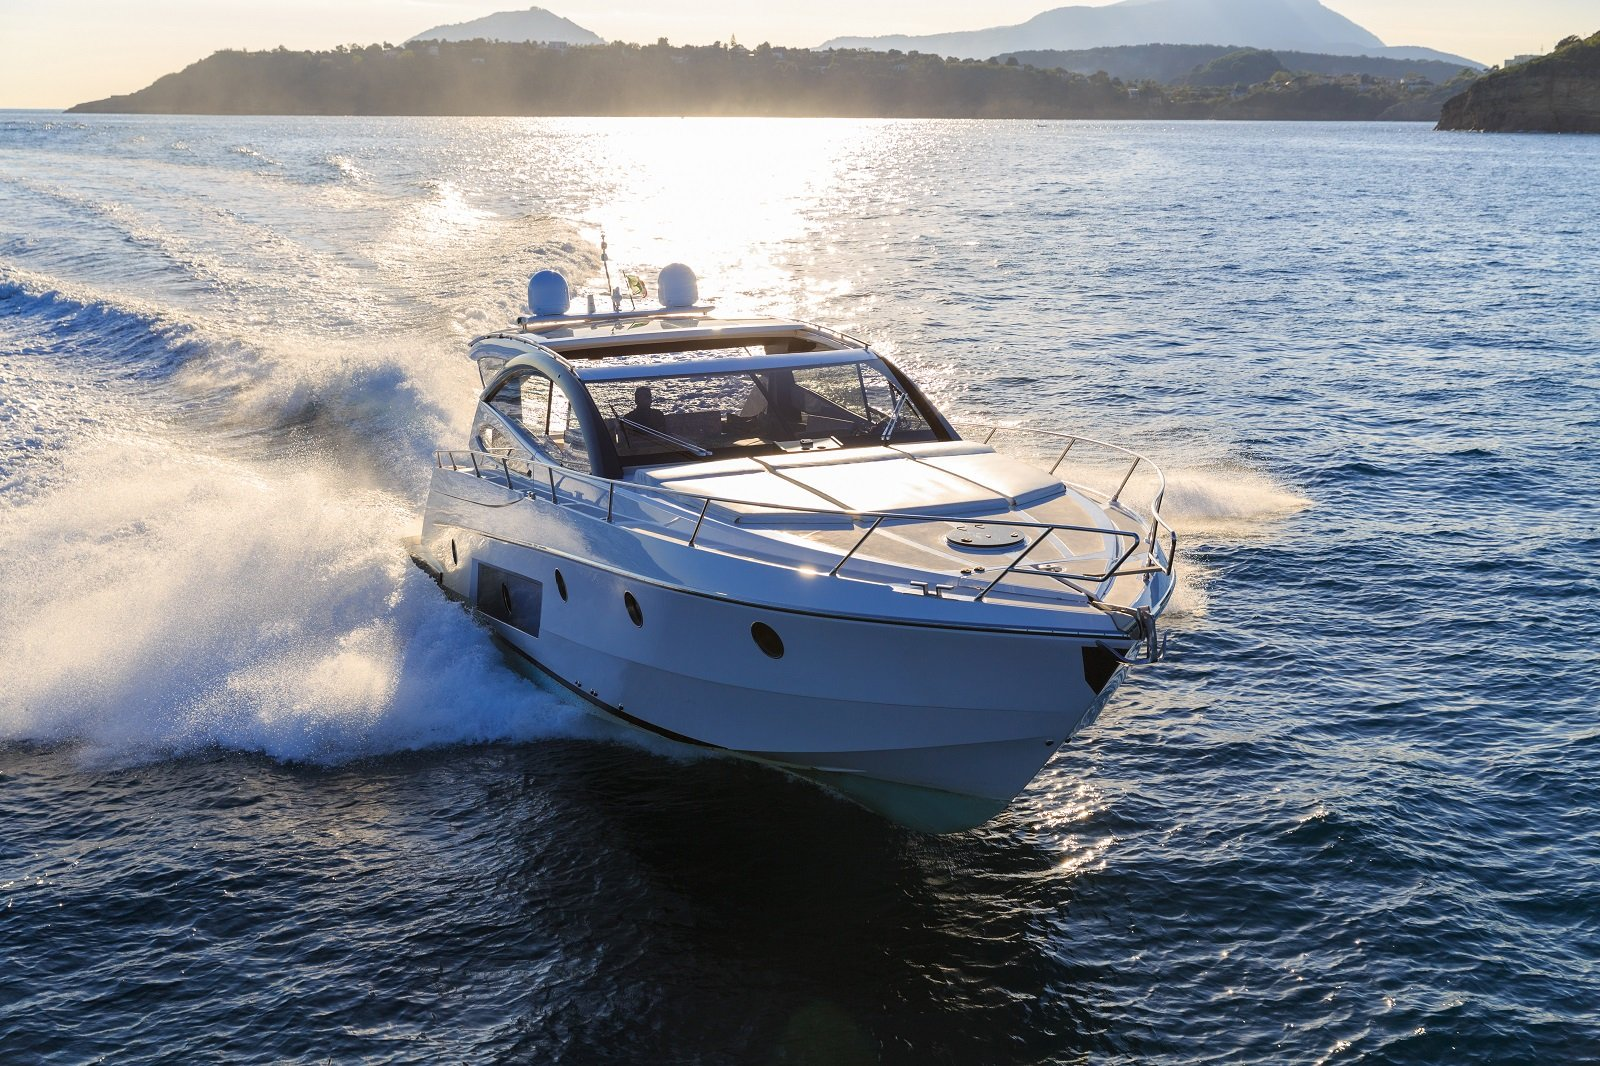 vista fontale di un motoscafo in mare